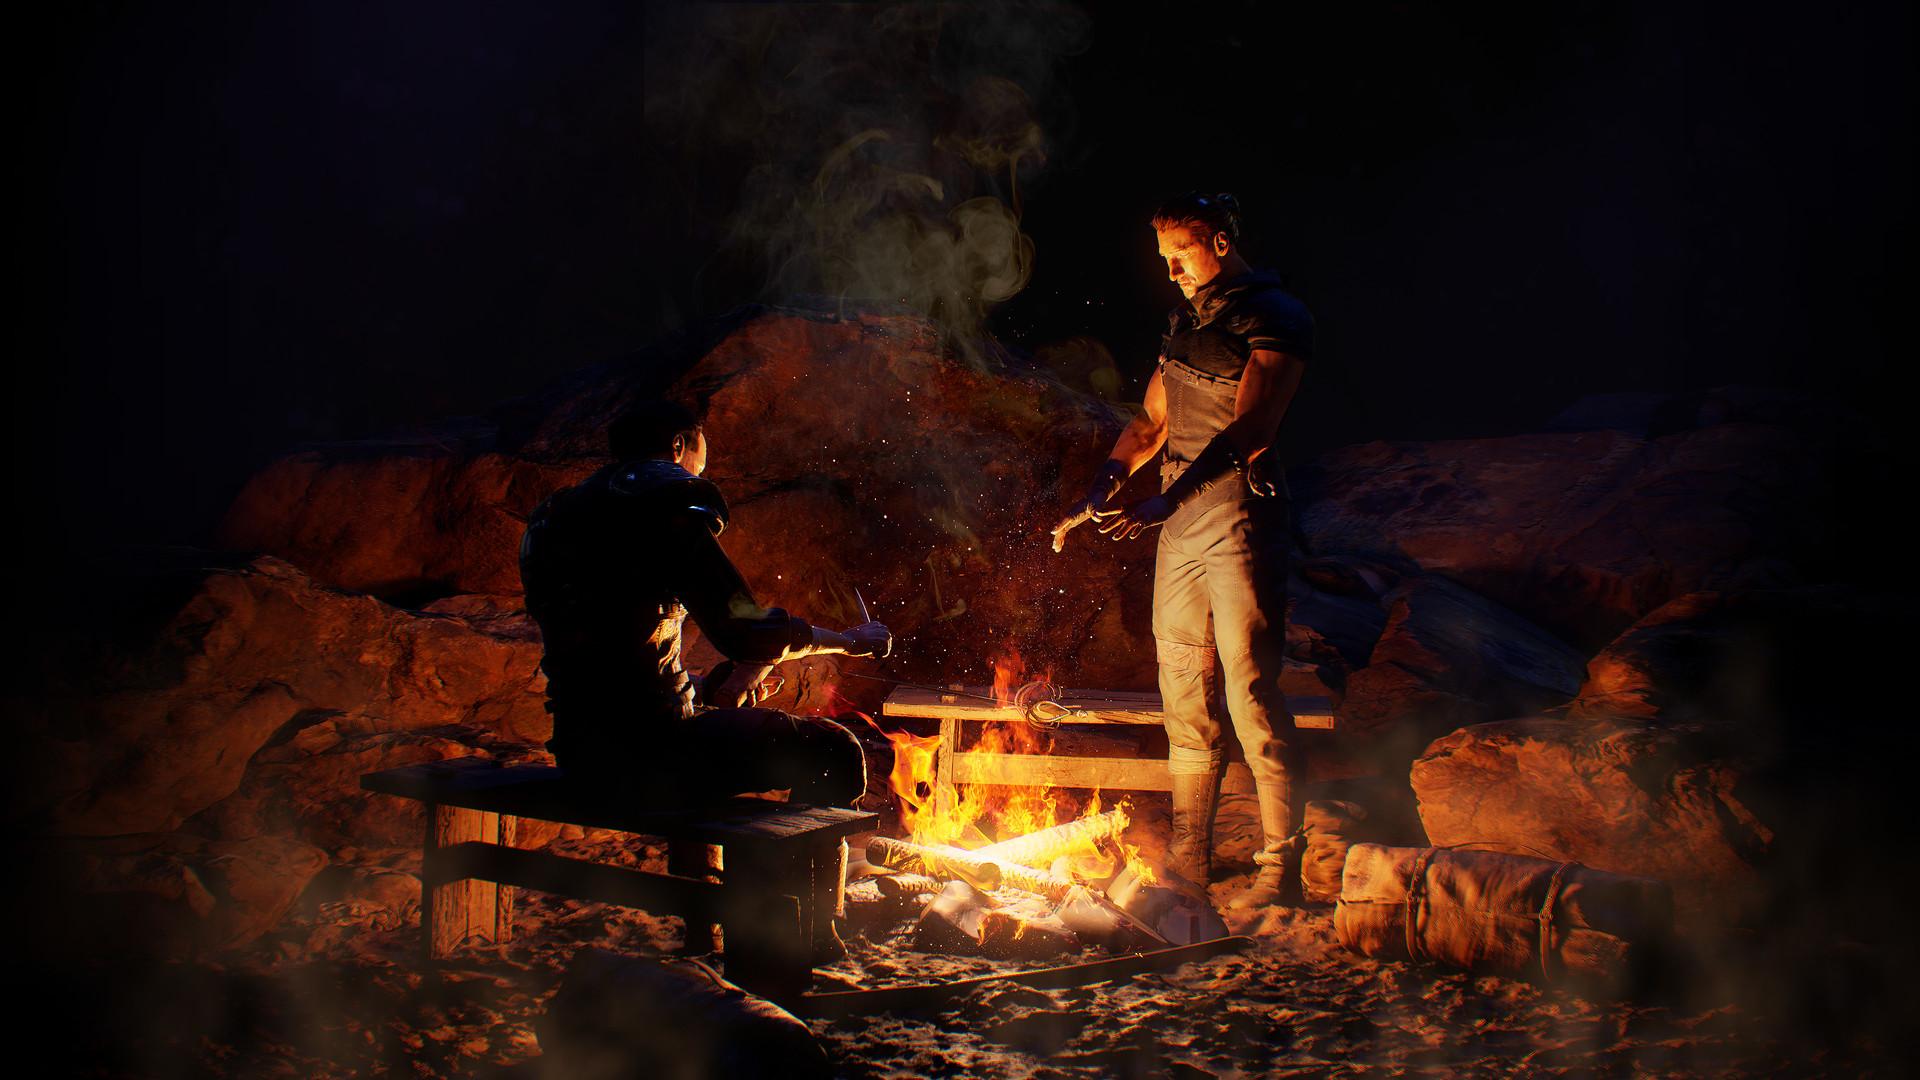 Ремейк первой «Готики» уже появился в Steam с минимальными системными требованиями и скриншотами